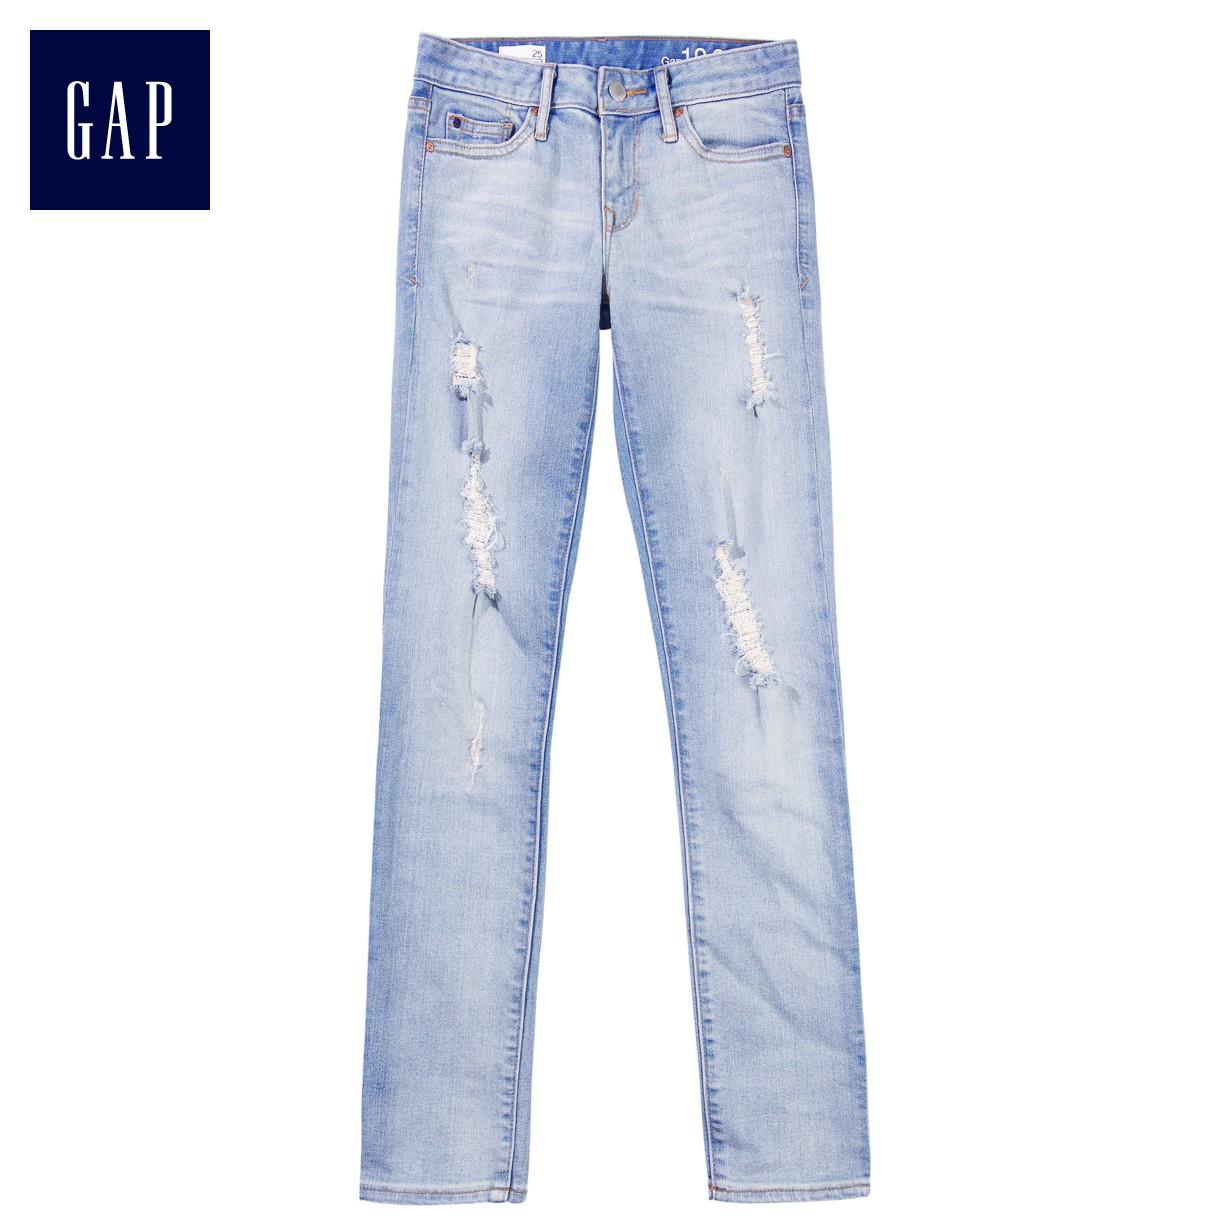 Джинсы женские GAP Gap1969 918686 GAP